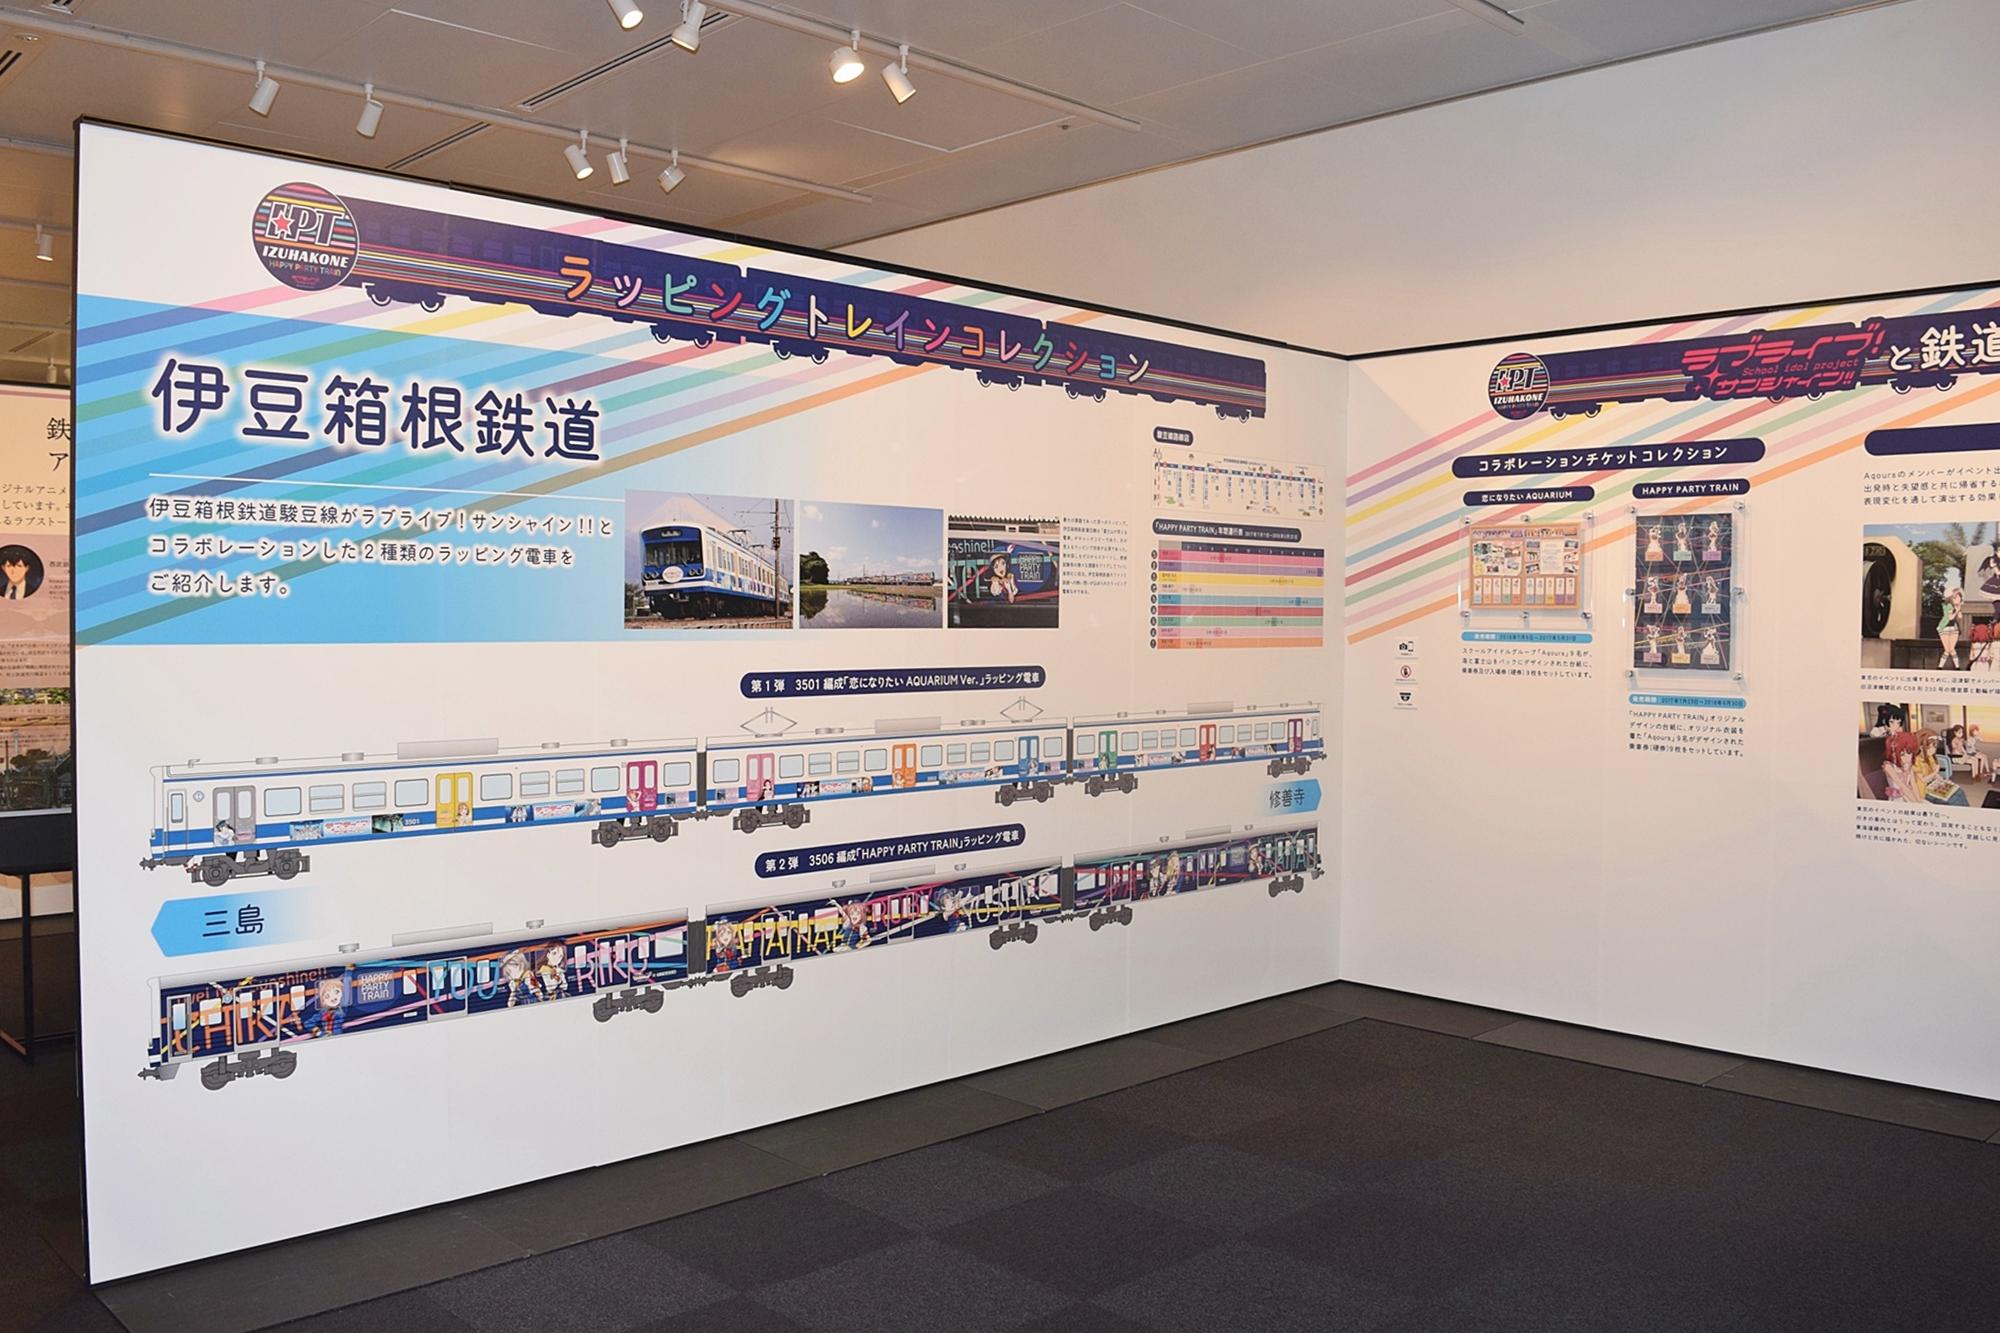 「アニメと鉄道展」を鉄道BIG4が大絶賛! 『ラブライブ!サンシャイン!!』、『この世界の片隅に』、『機動警察パトレイバー』、『ISLAND』などが展示-10